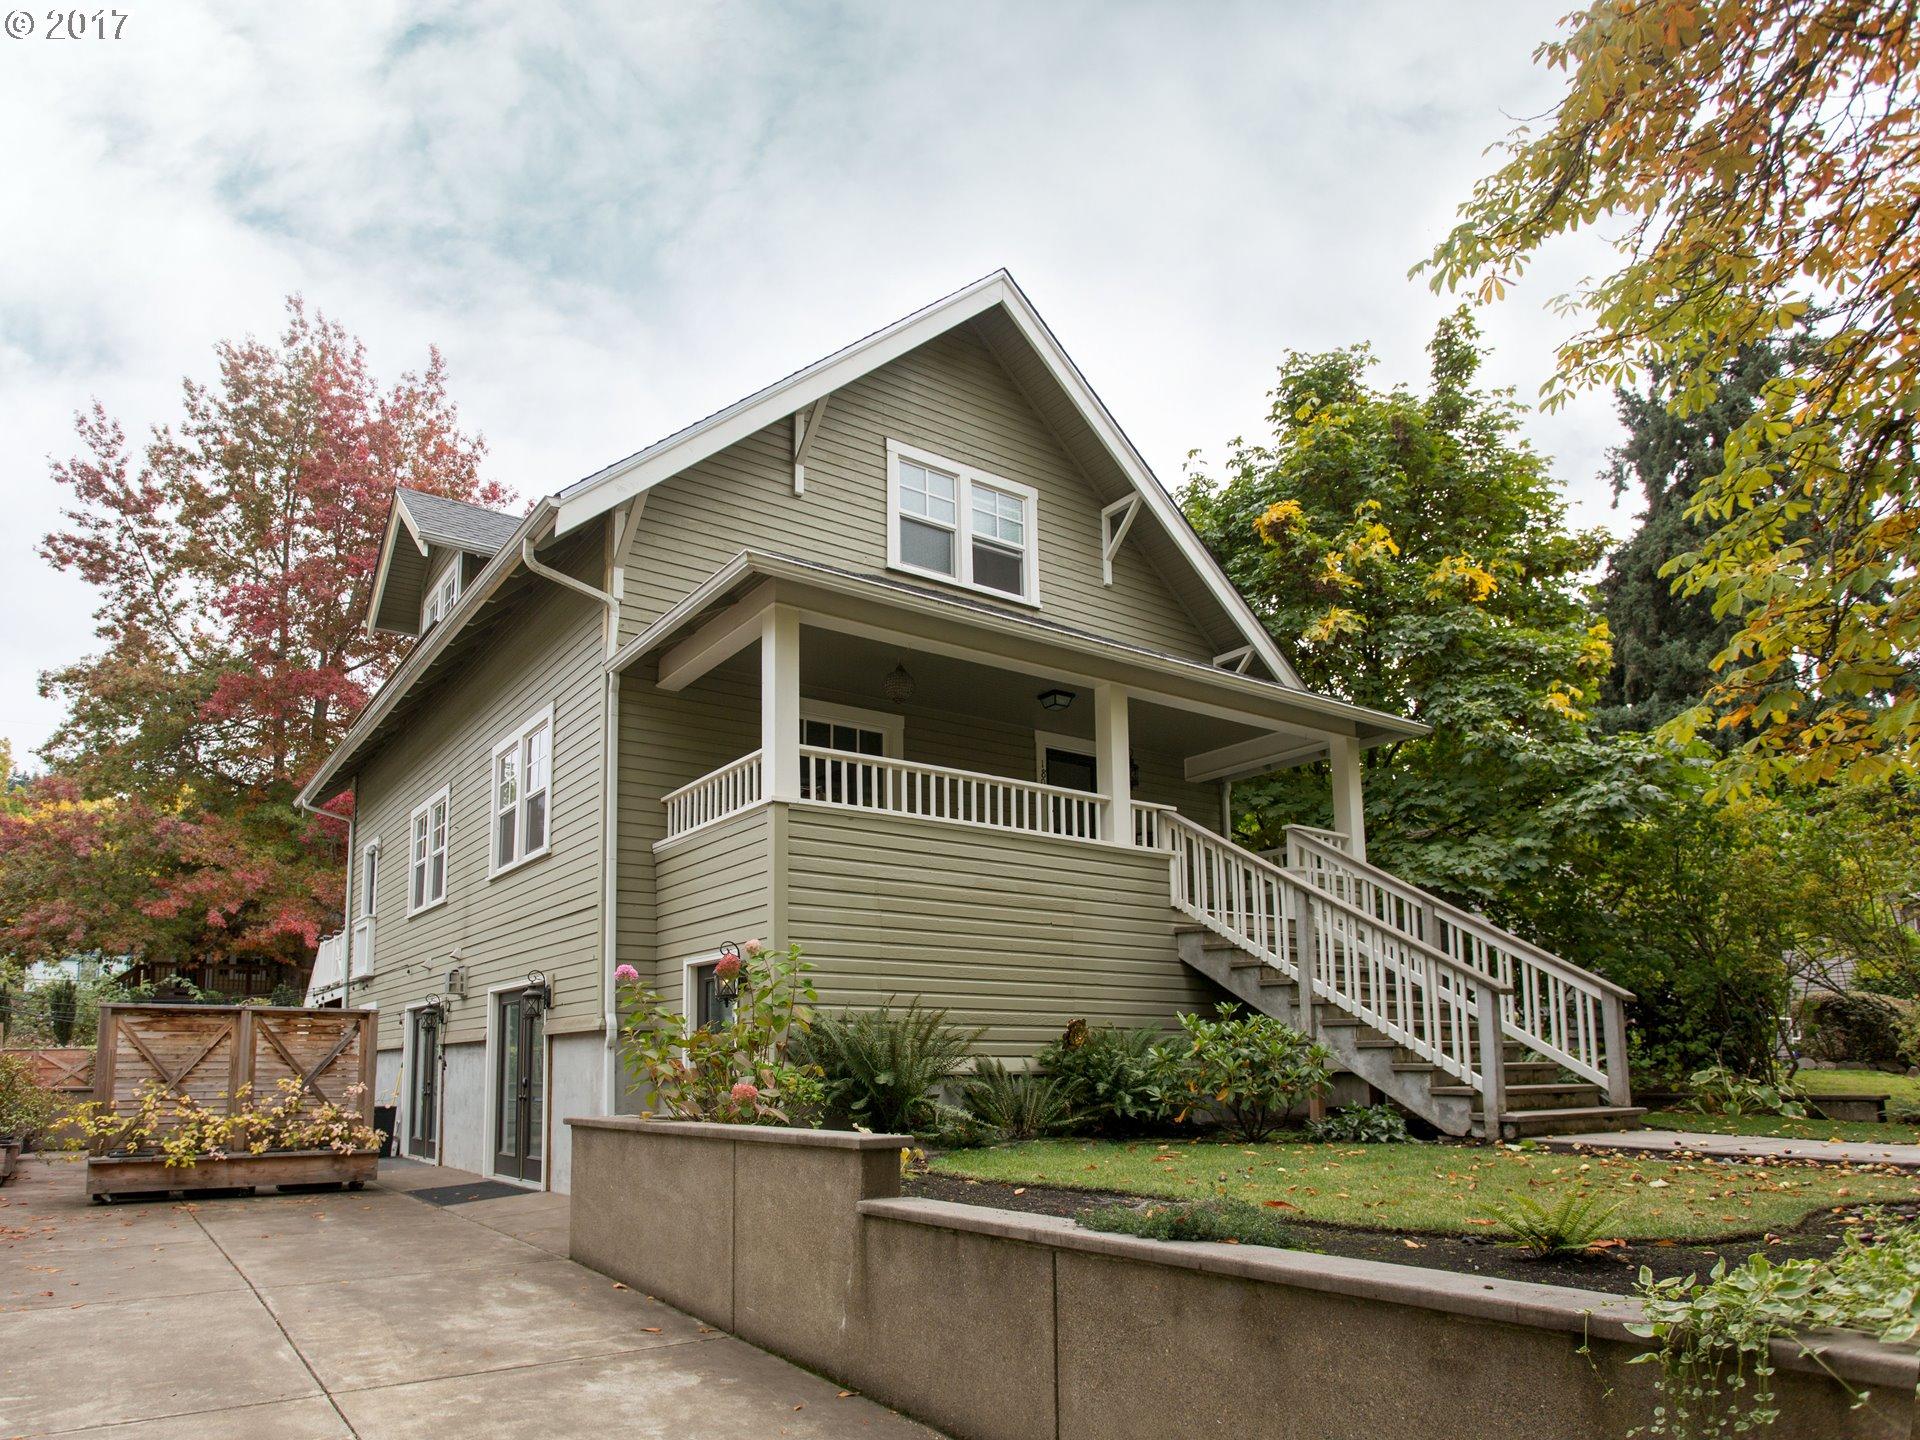 1801 ORCHARD ST, Eugene OR 97403